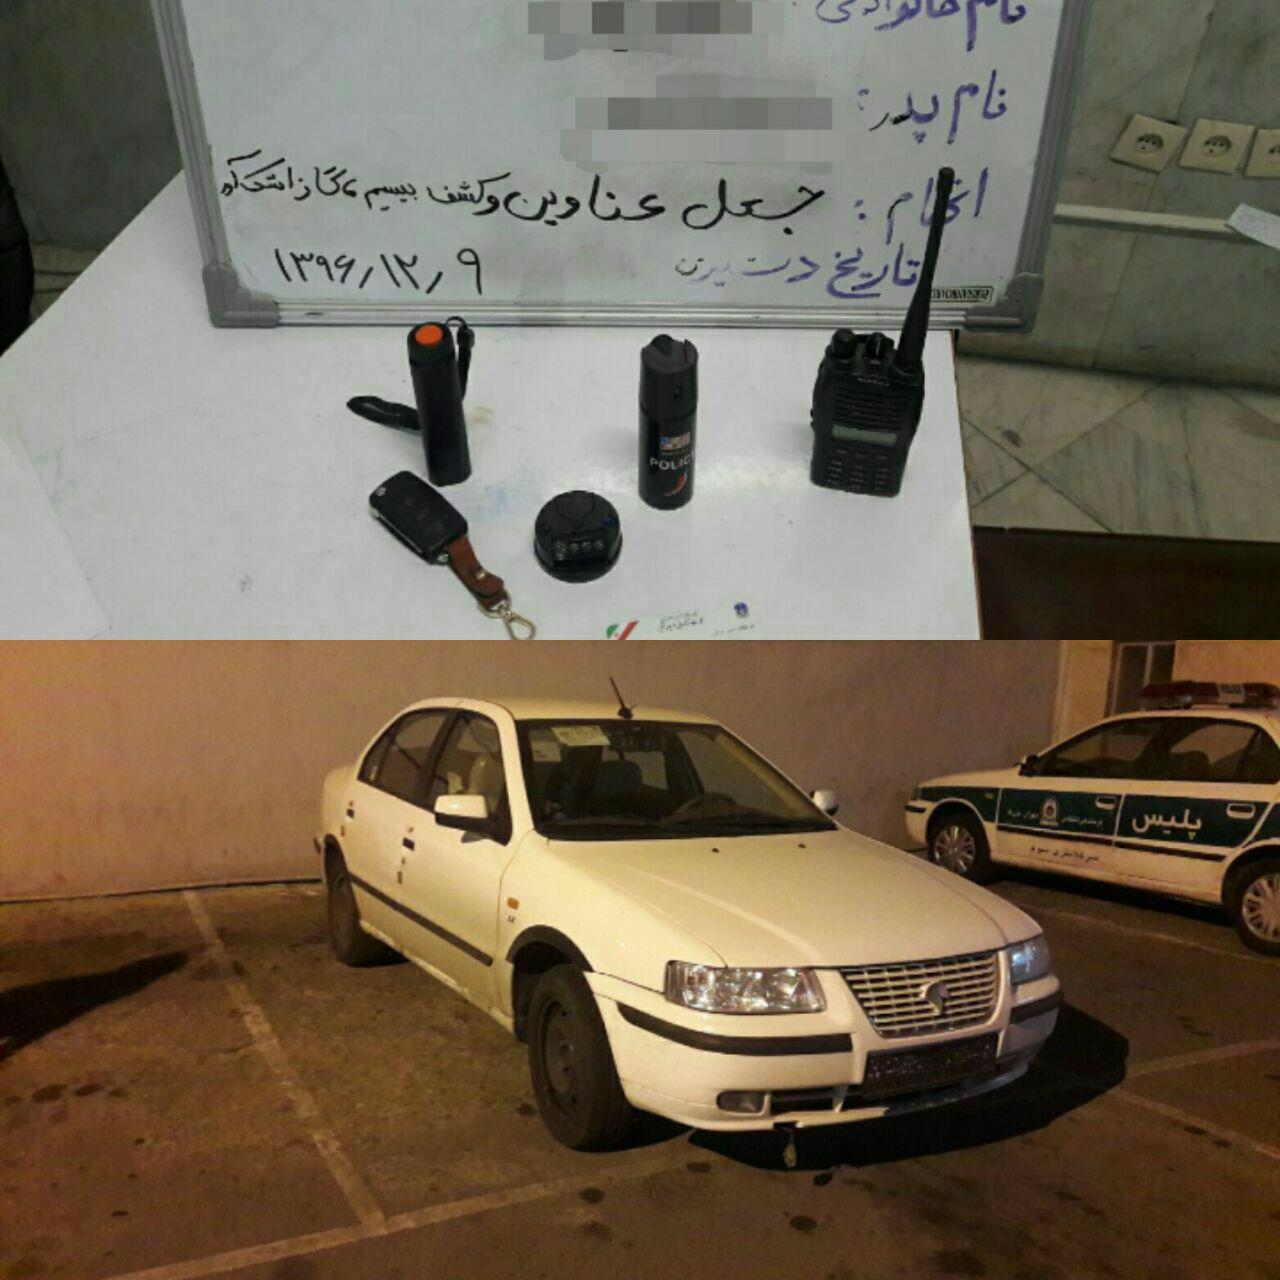 دستگیری مامور قلابی مترو دروازه دولت +عکس